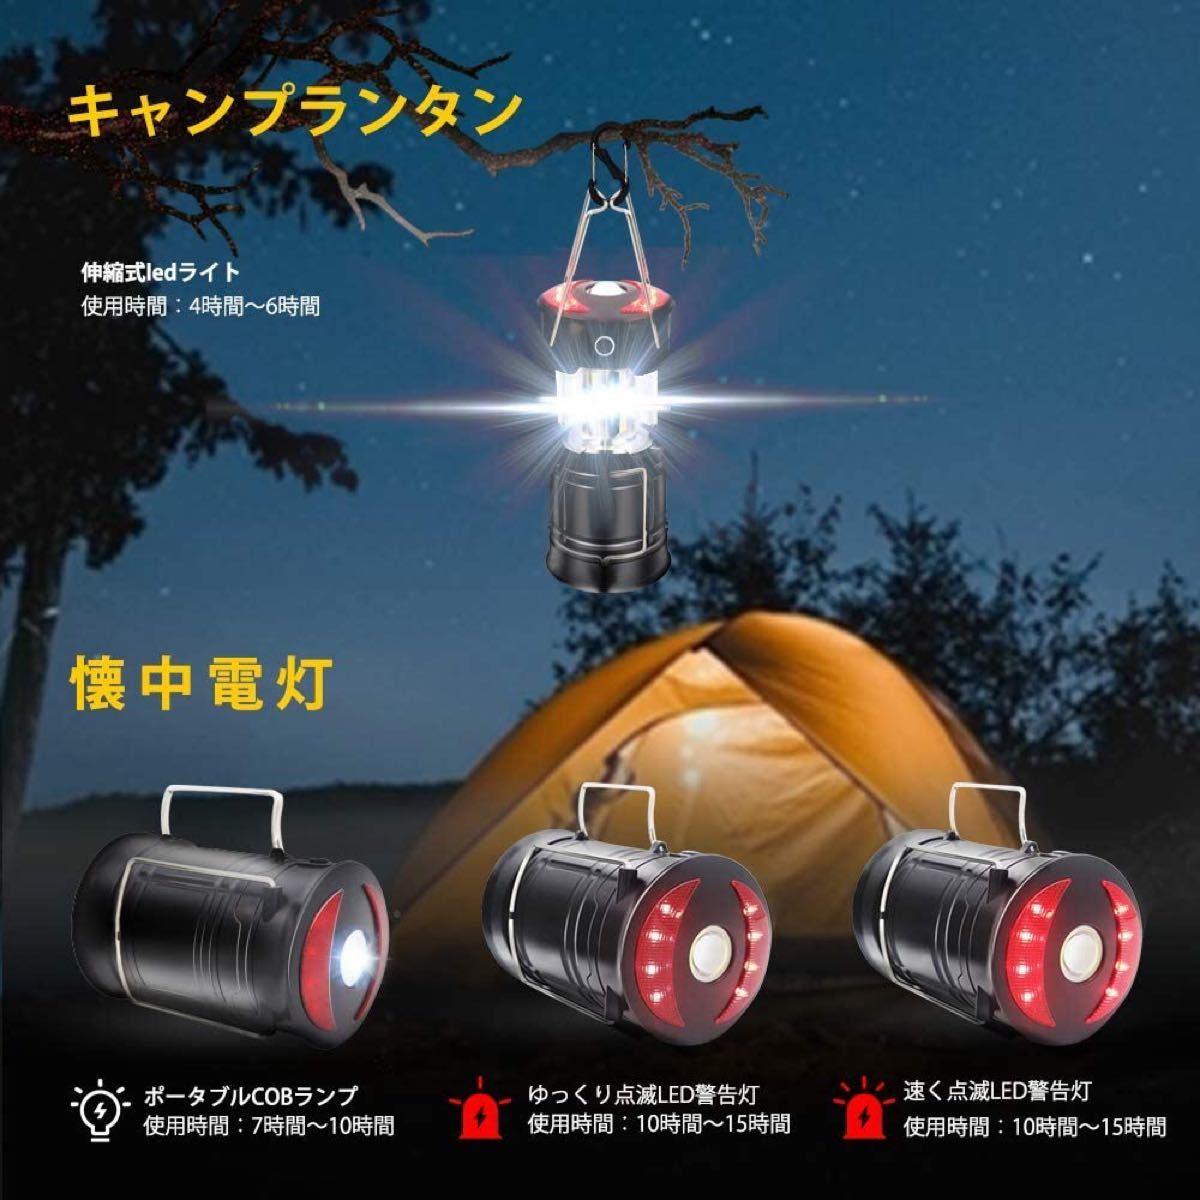 4つ点灯モード LEDランタン 2in1給電方法 折り畳み式 S字カラビナ付き